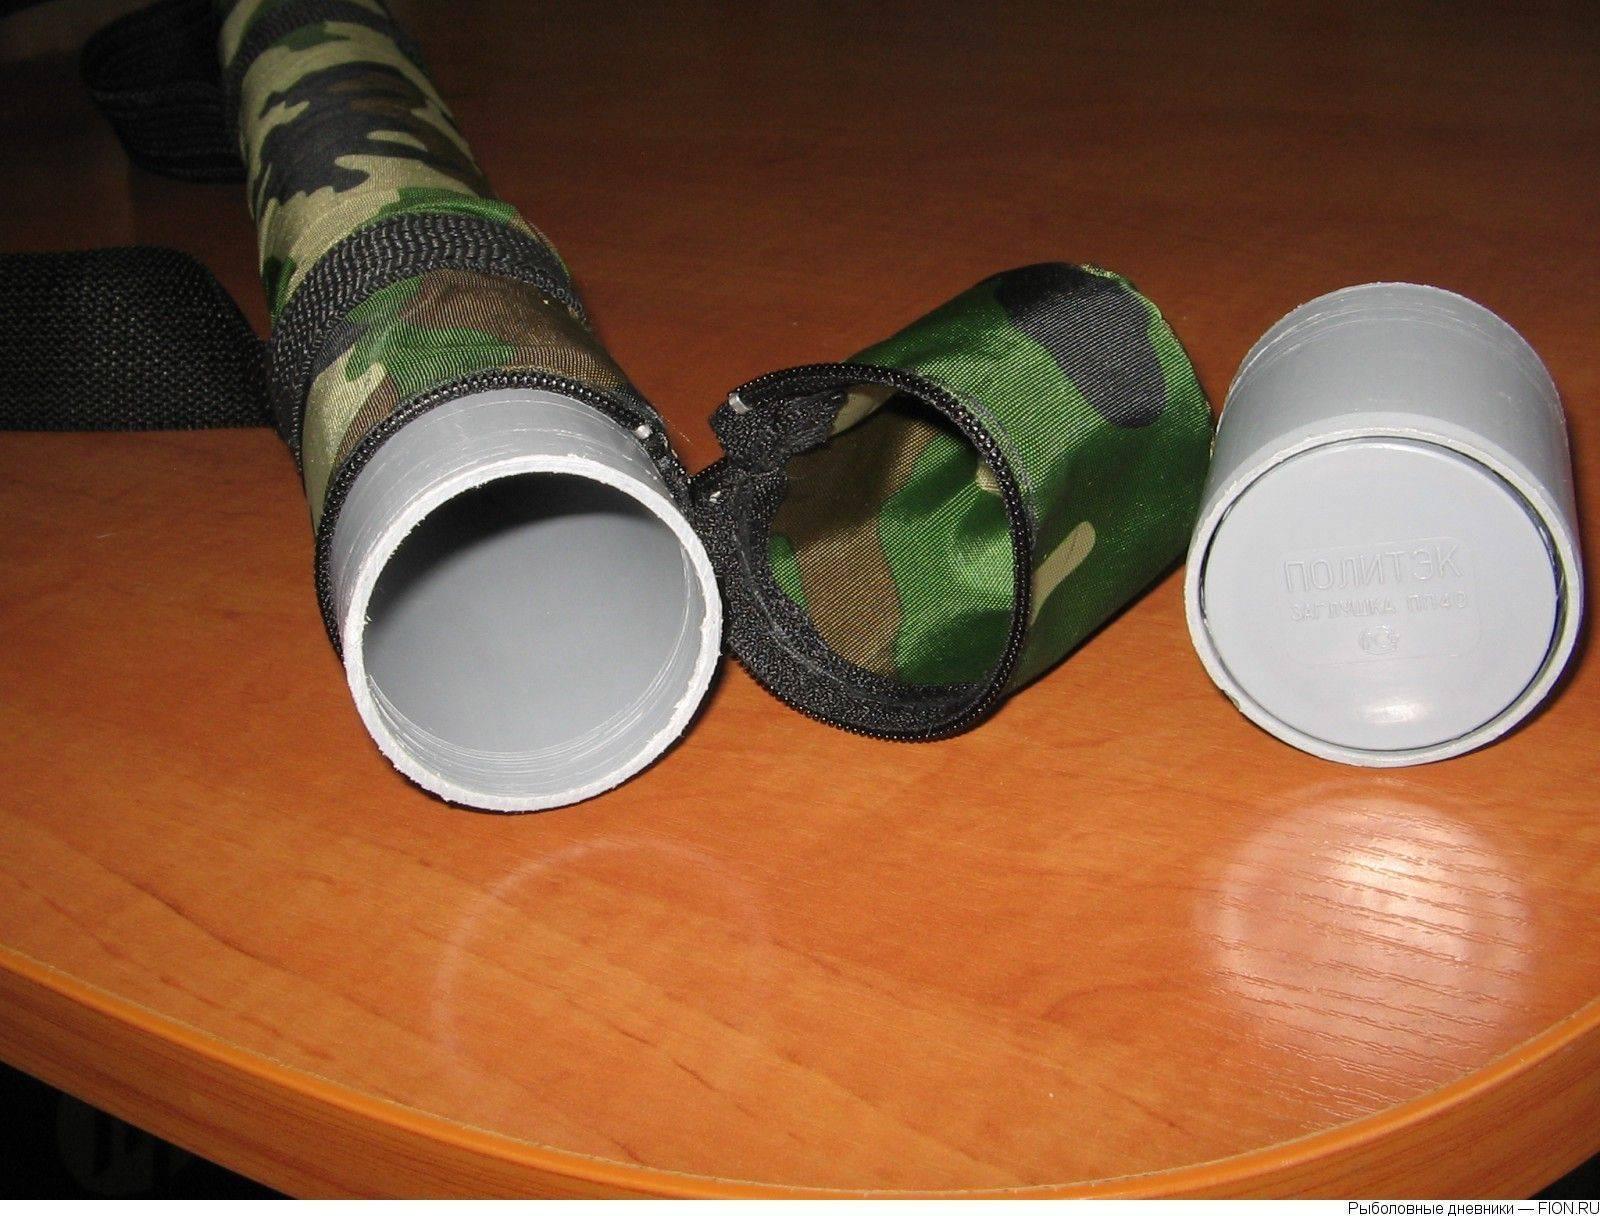 Тубусы для спиннингов своими руками: самодельные тубусы из канализационной трубы для удочек. из чего еще можно сделать тубус для удилищ?